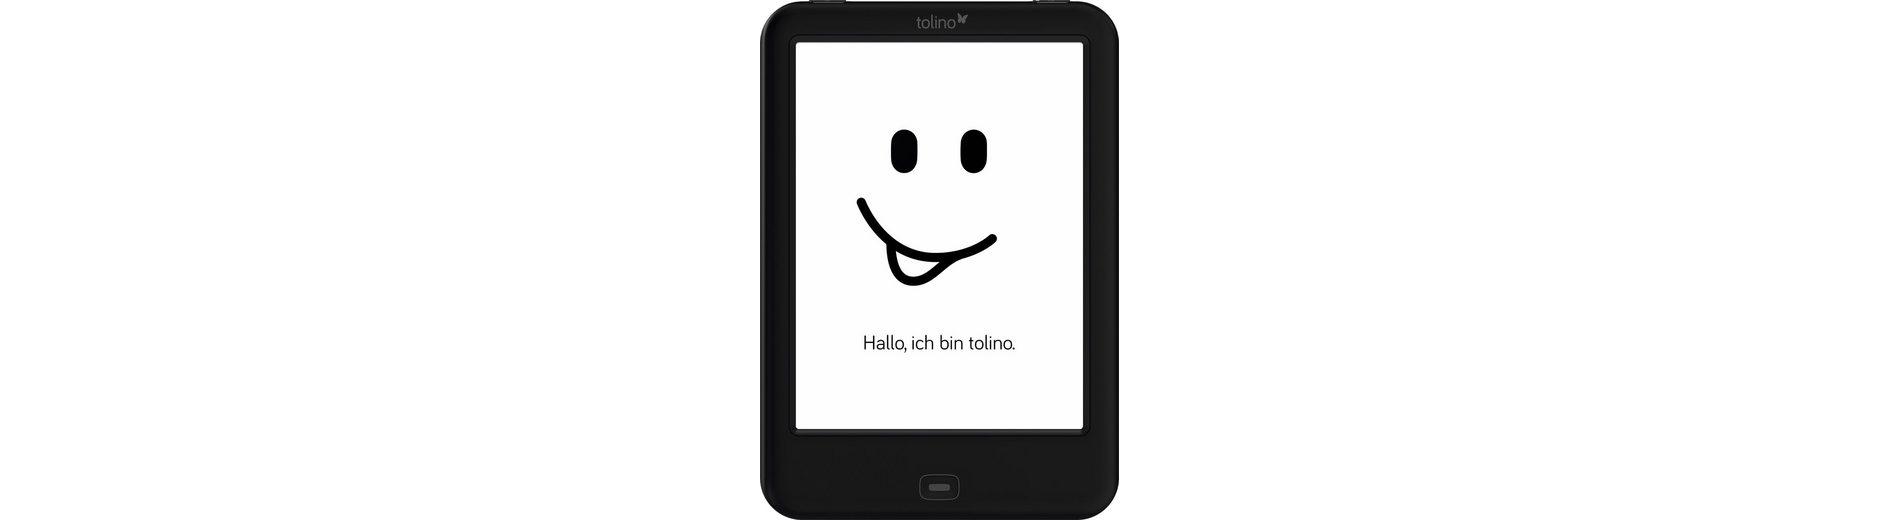 Tolino Shine 2 HD E-Book-Reader, Freescale i.MX6, 15,2 cm (6 Zoll), 512 MB